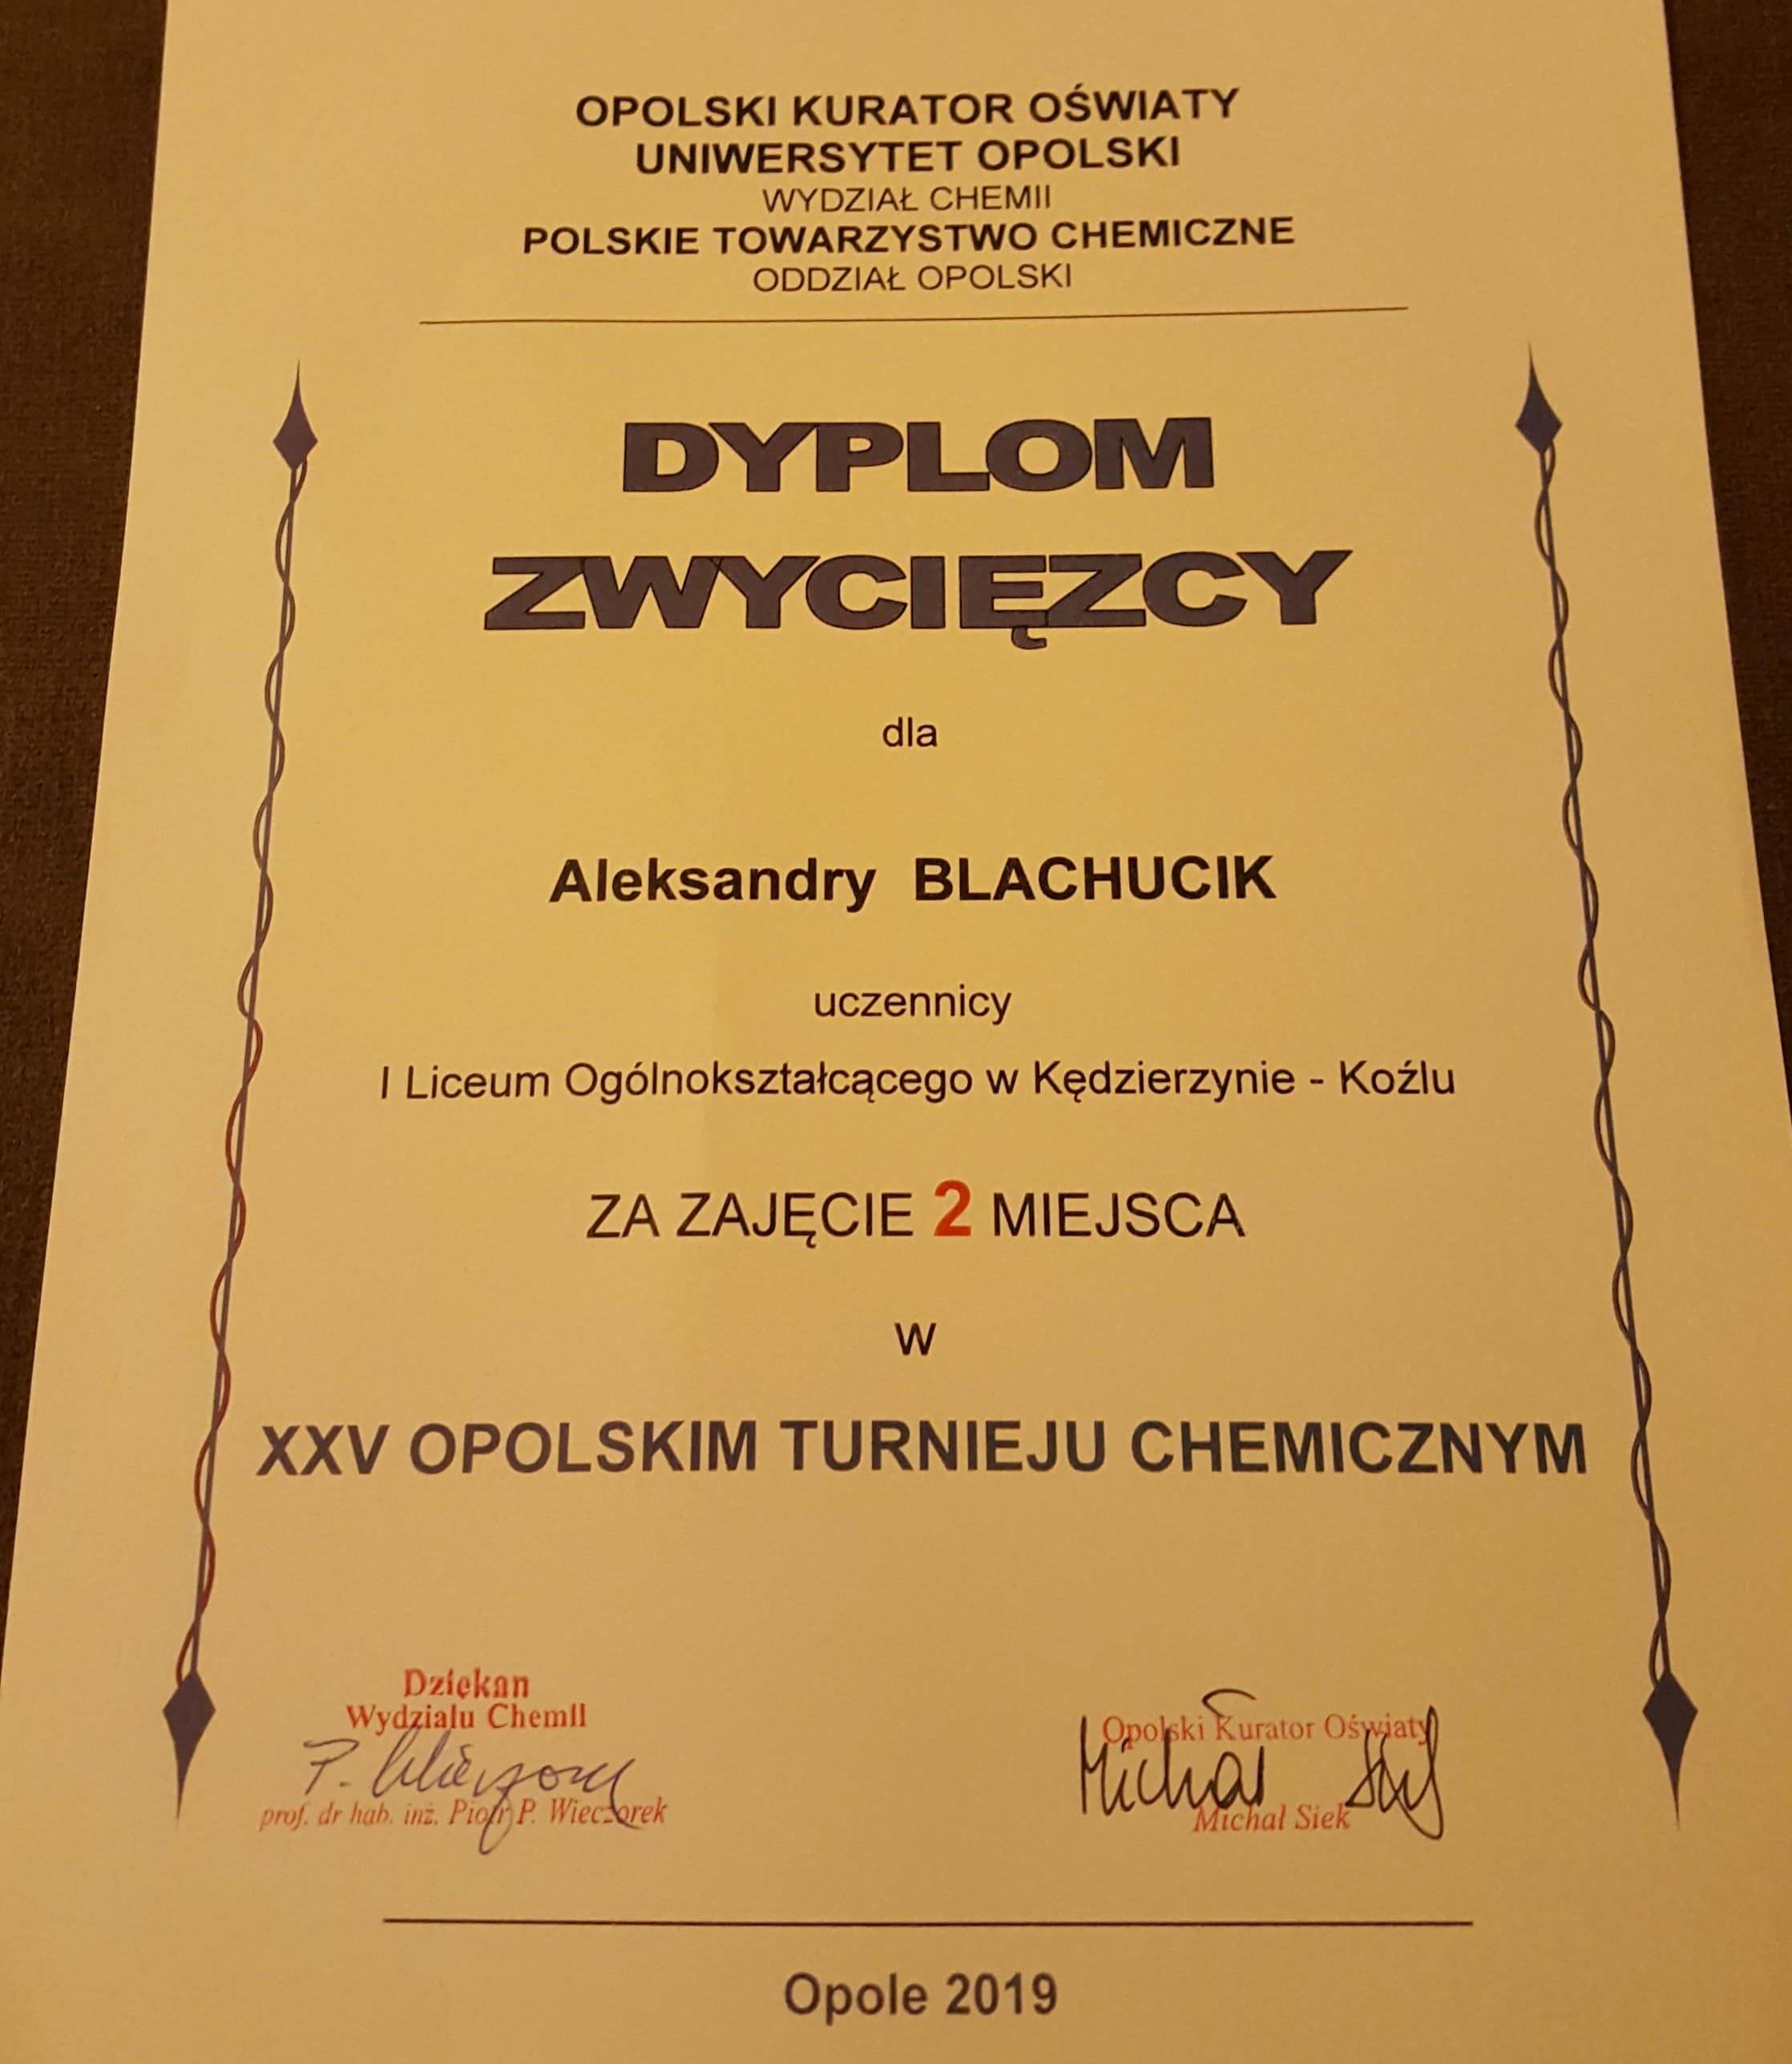 Uhonorowanie sukcesu Aleksandry Blachucik w Opolu